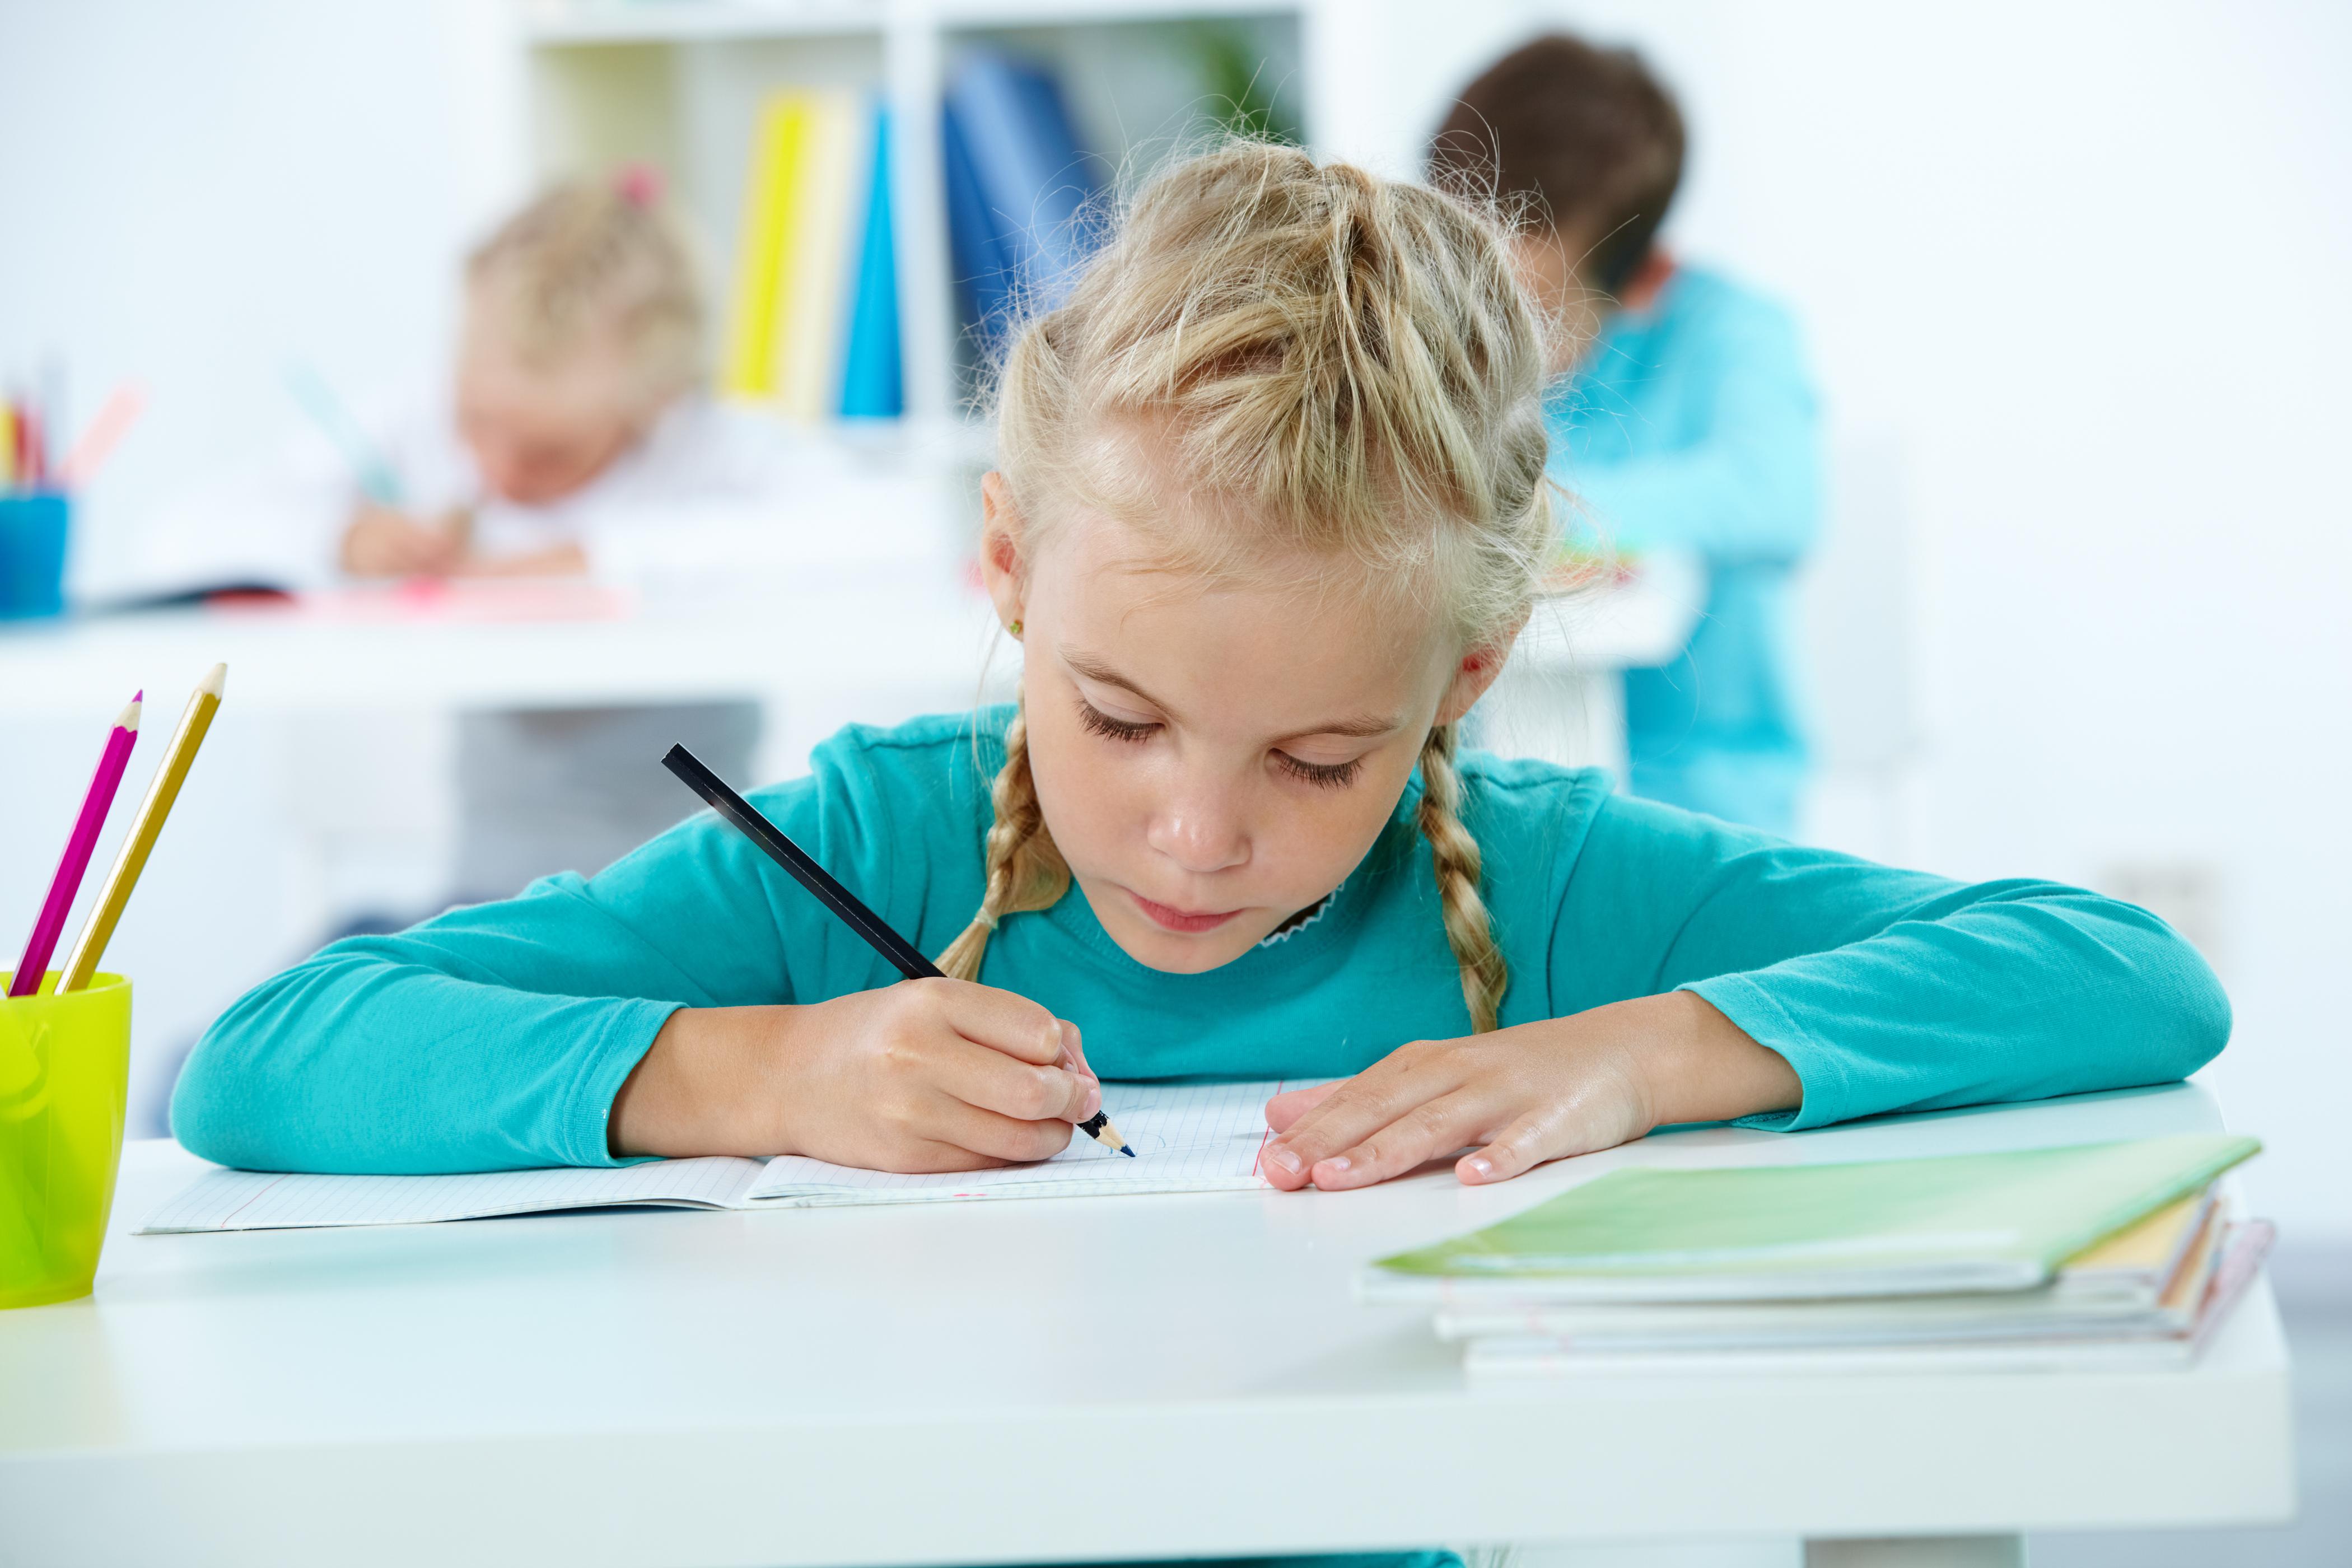 Meisje doet schoolwerk: faalangst bij kinderen